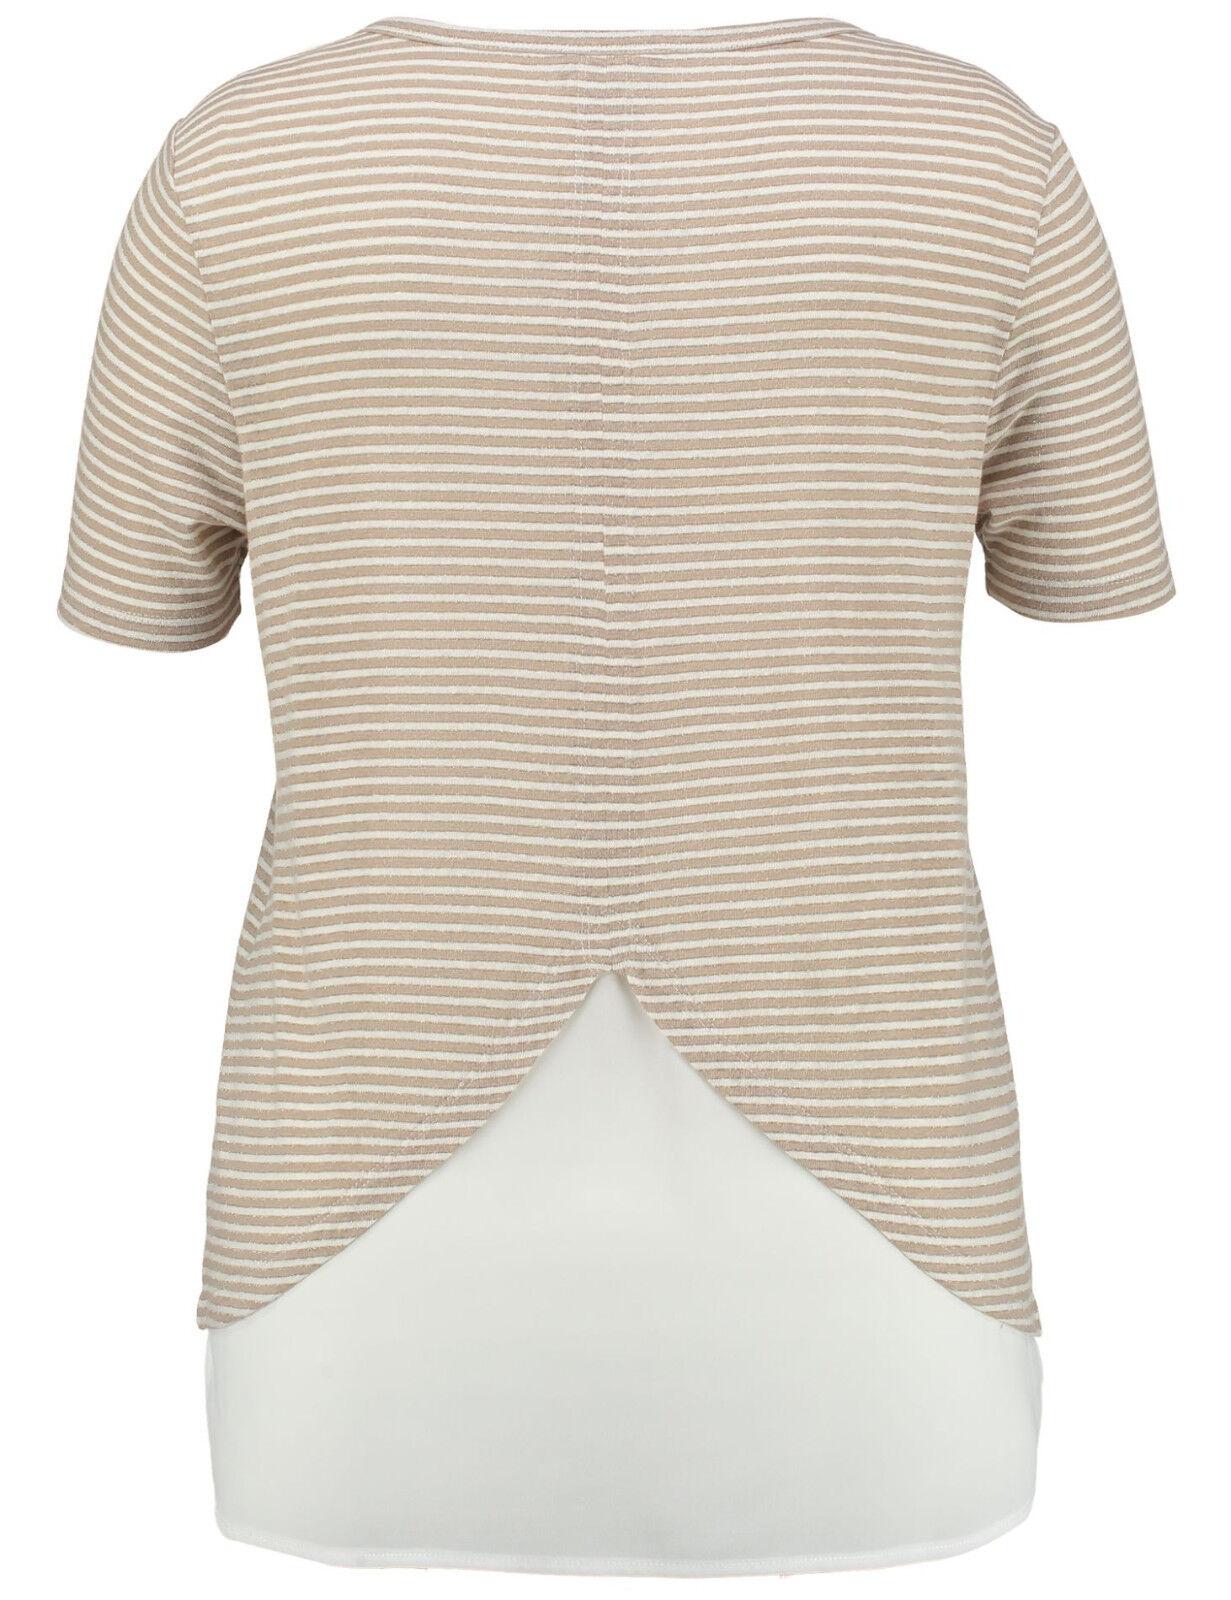 ba9a982146 Samoon cuciture-shirt nel layer-look by Gerry Weber Weber Weber ...